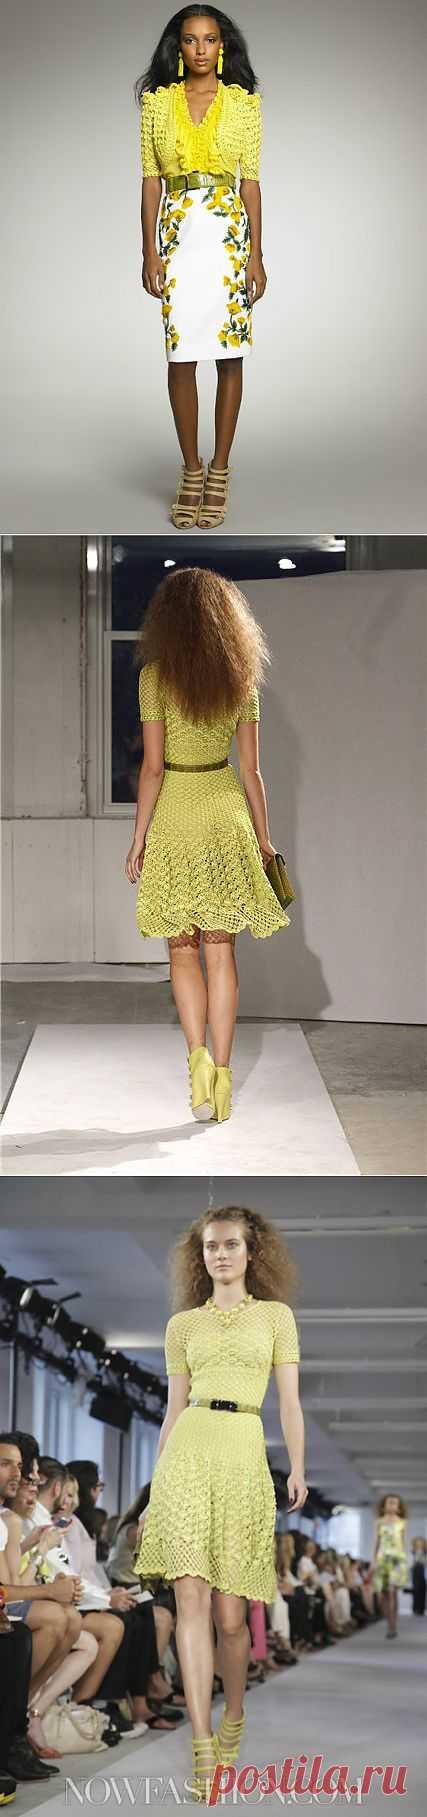 Жакет и платье от Оскар де ла Рента. Есть схема и описание.